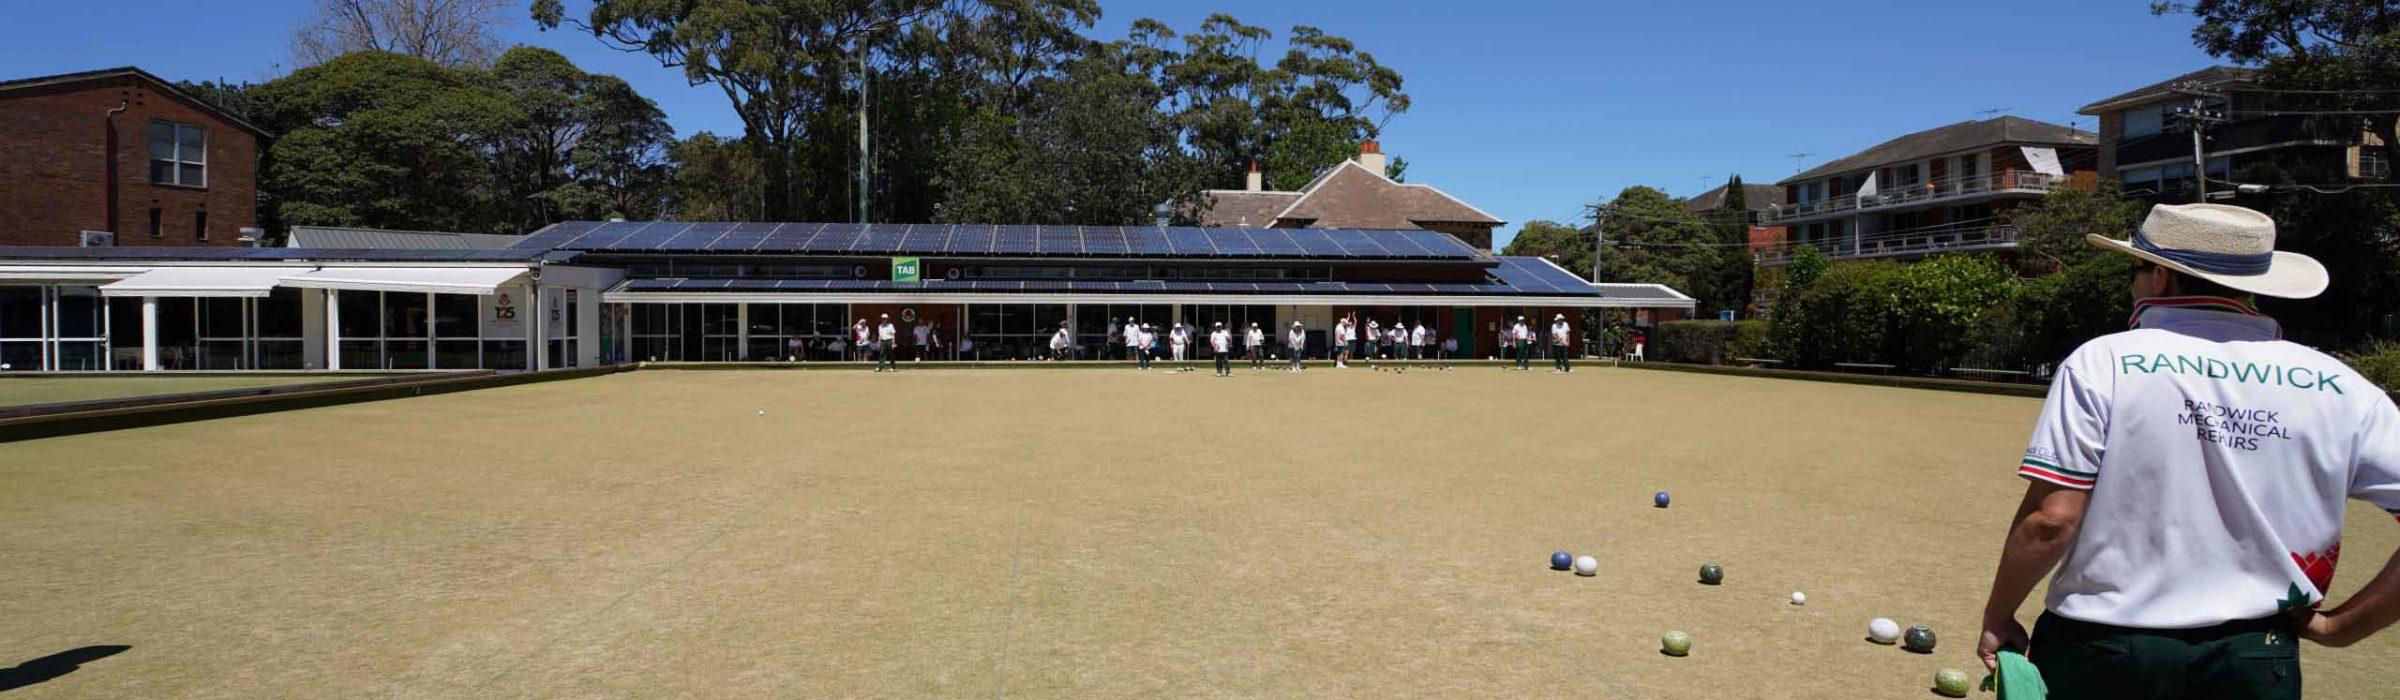 Randwick Bowling Club FP2